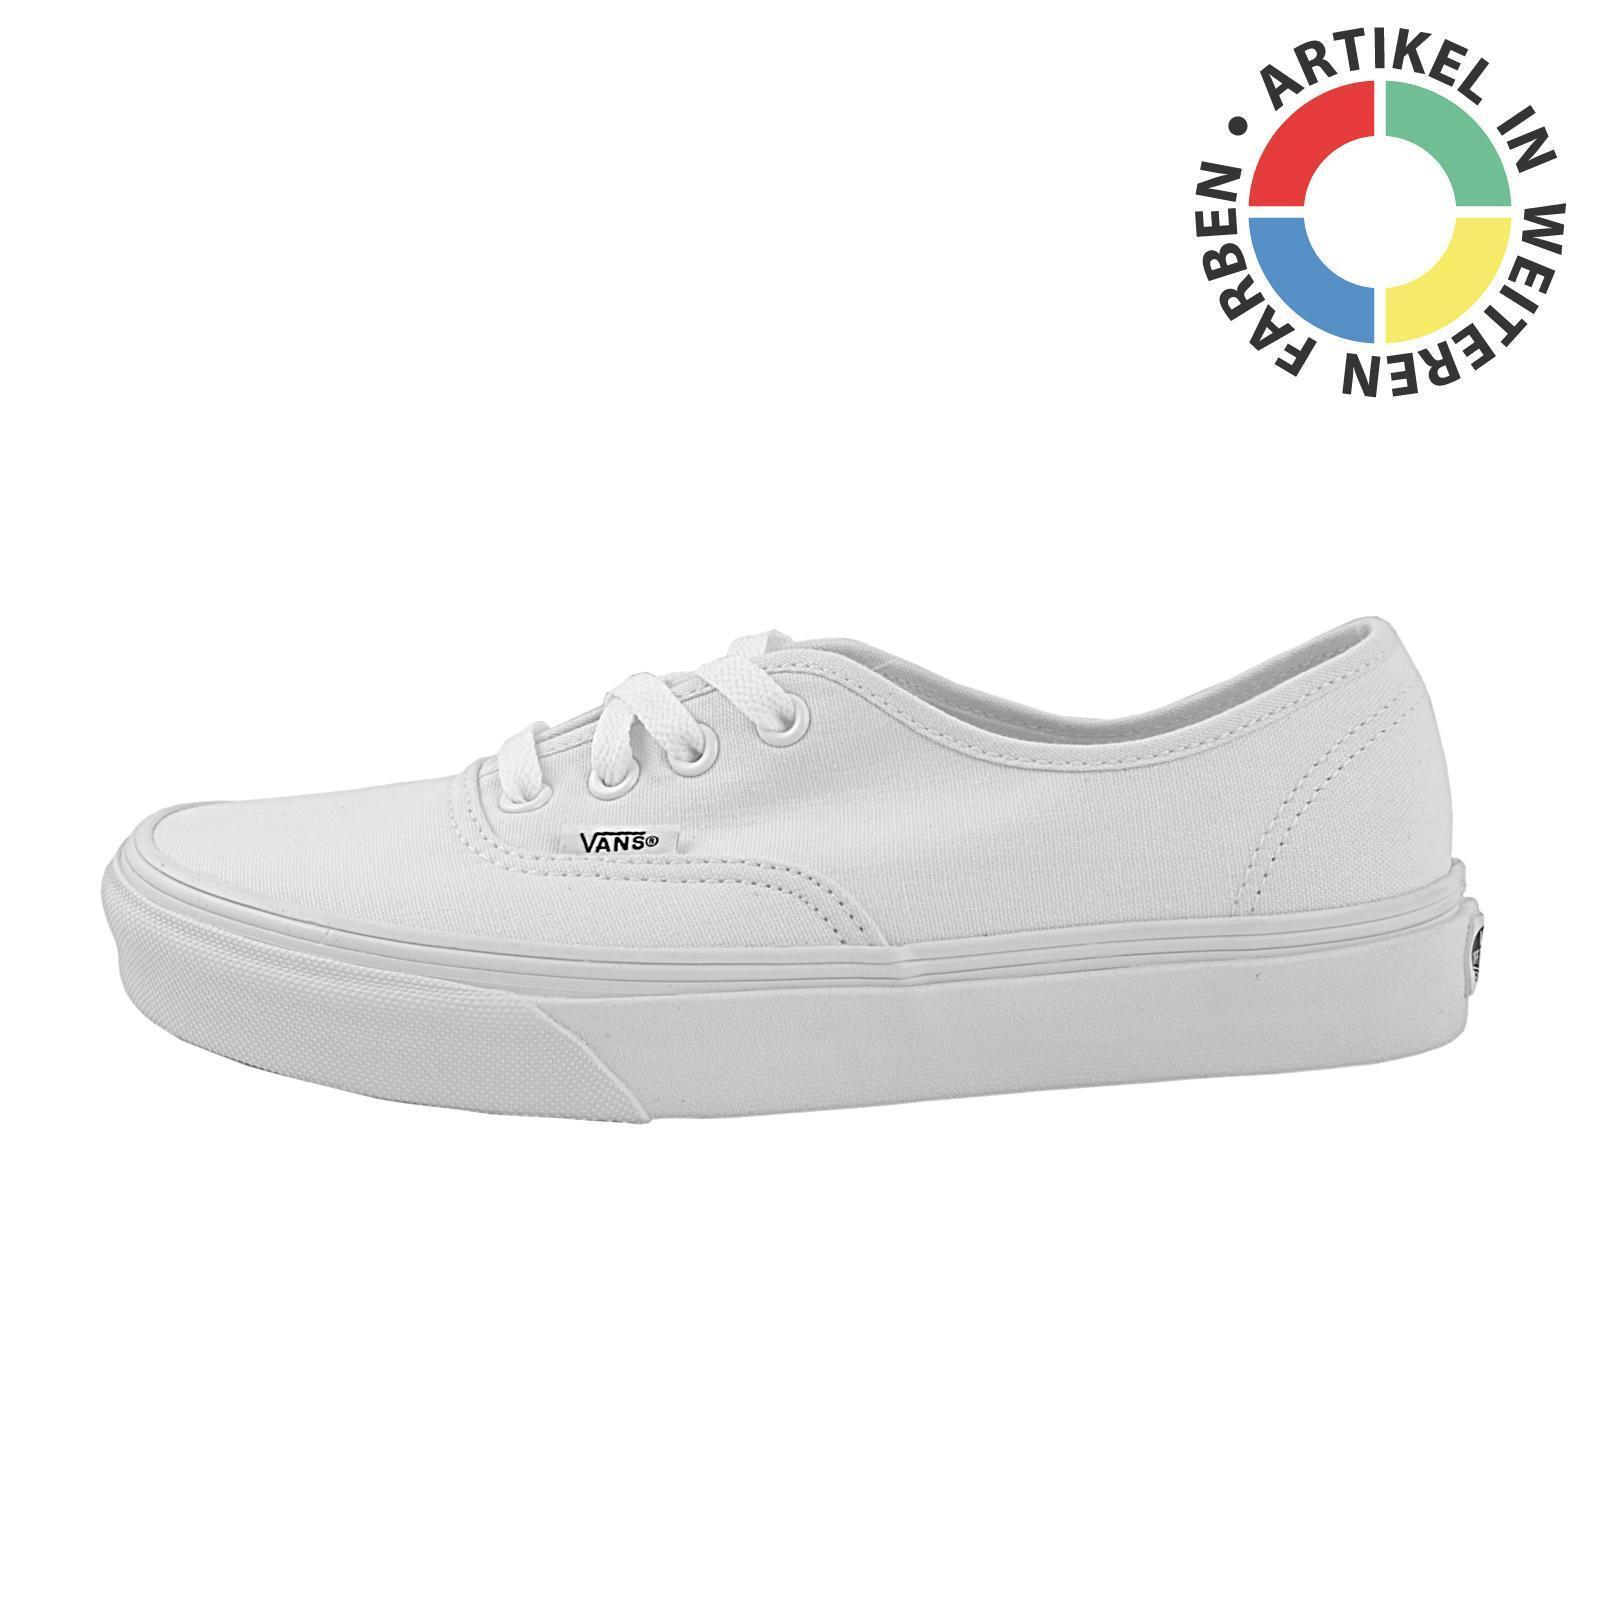 Vans Authentic Sneaker Herren Skater Schuhe, verschied. Farben, 50484